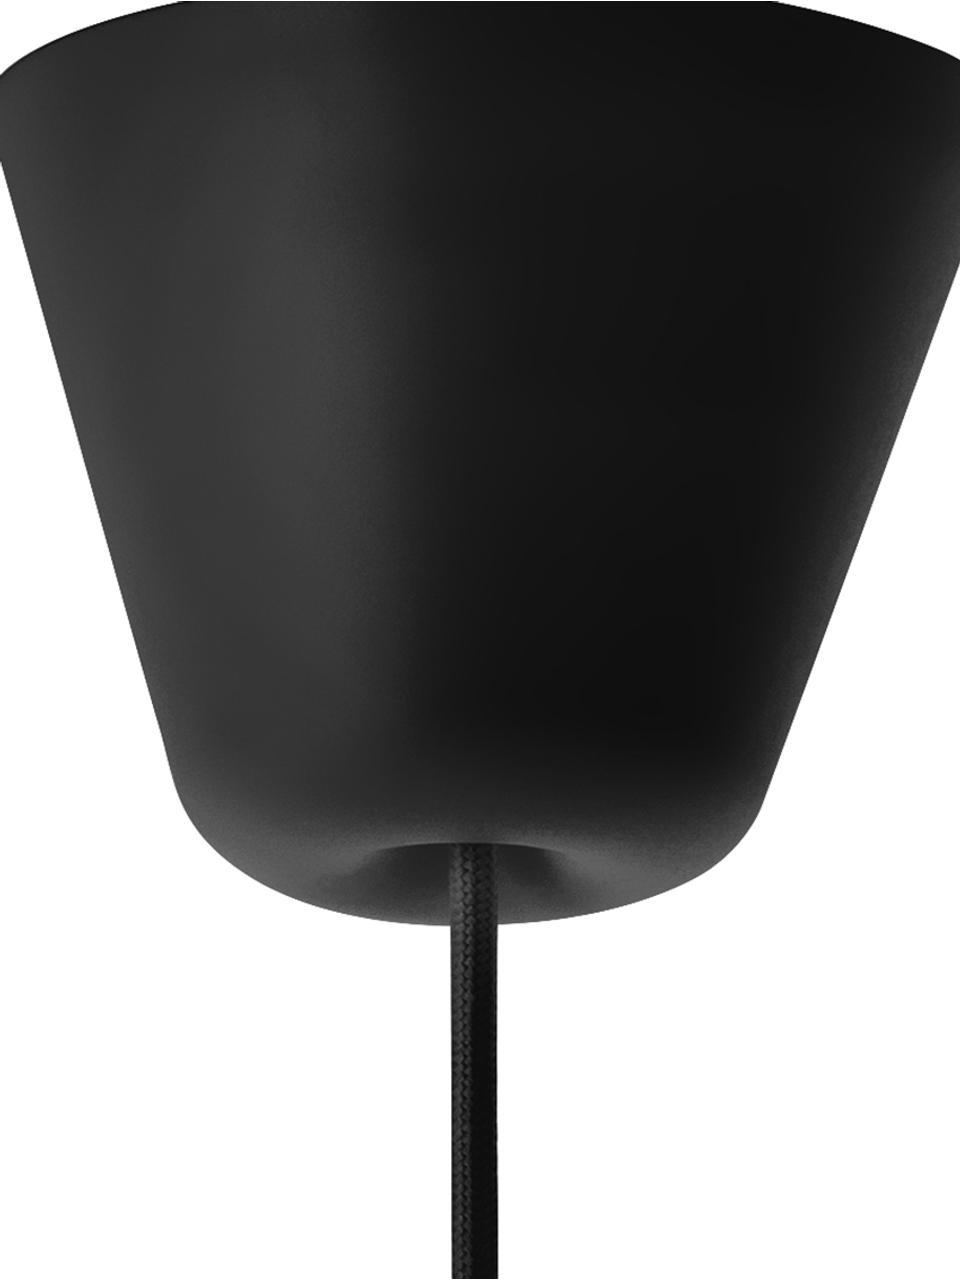 Lampada a sospensione con cinturino in pelle Strap, Paralume: metallo verniciato a polv, Baldacchino: materiale sintetico, Nero, Ø 27 x Alt. 25 cm